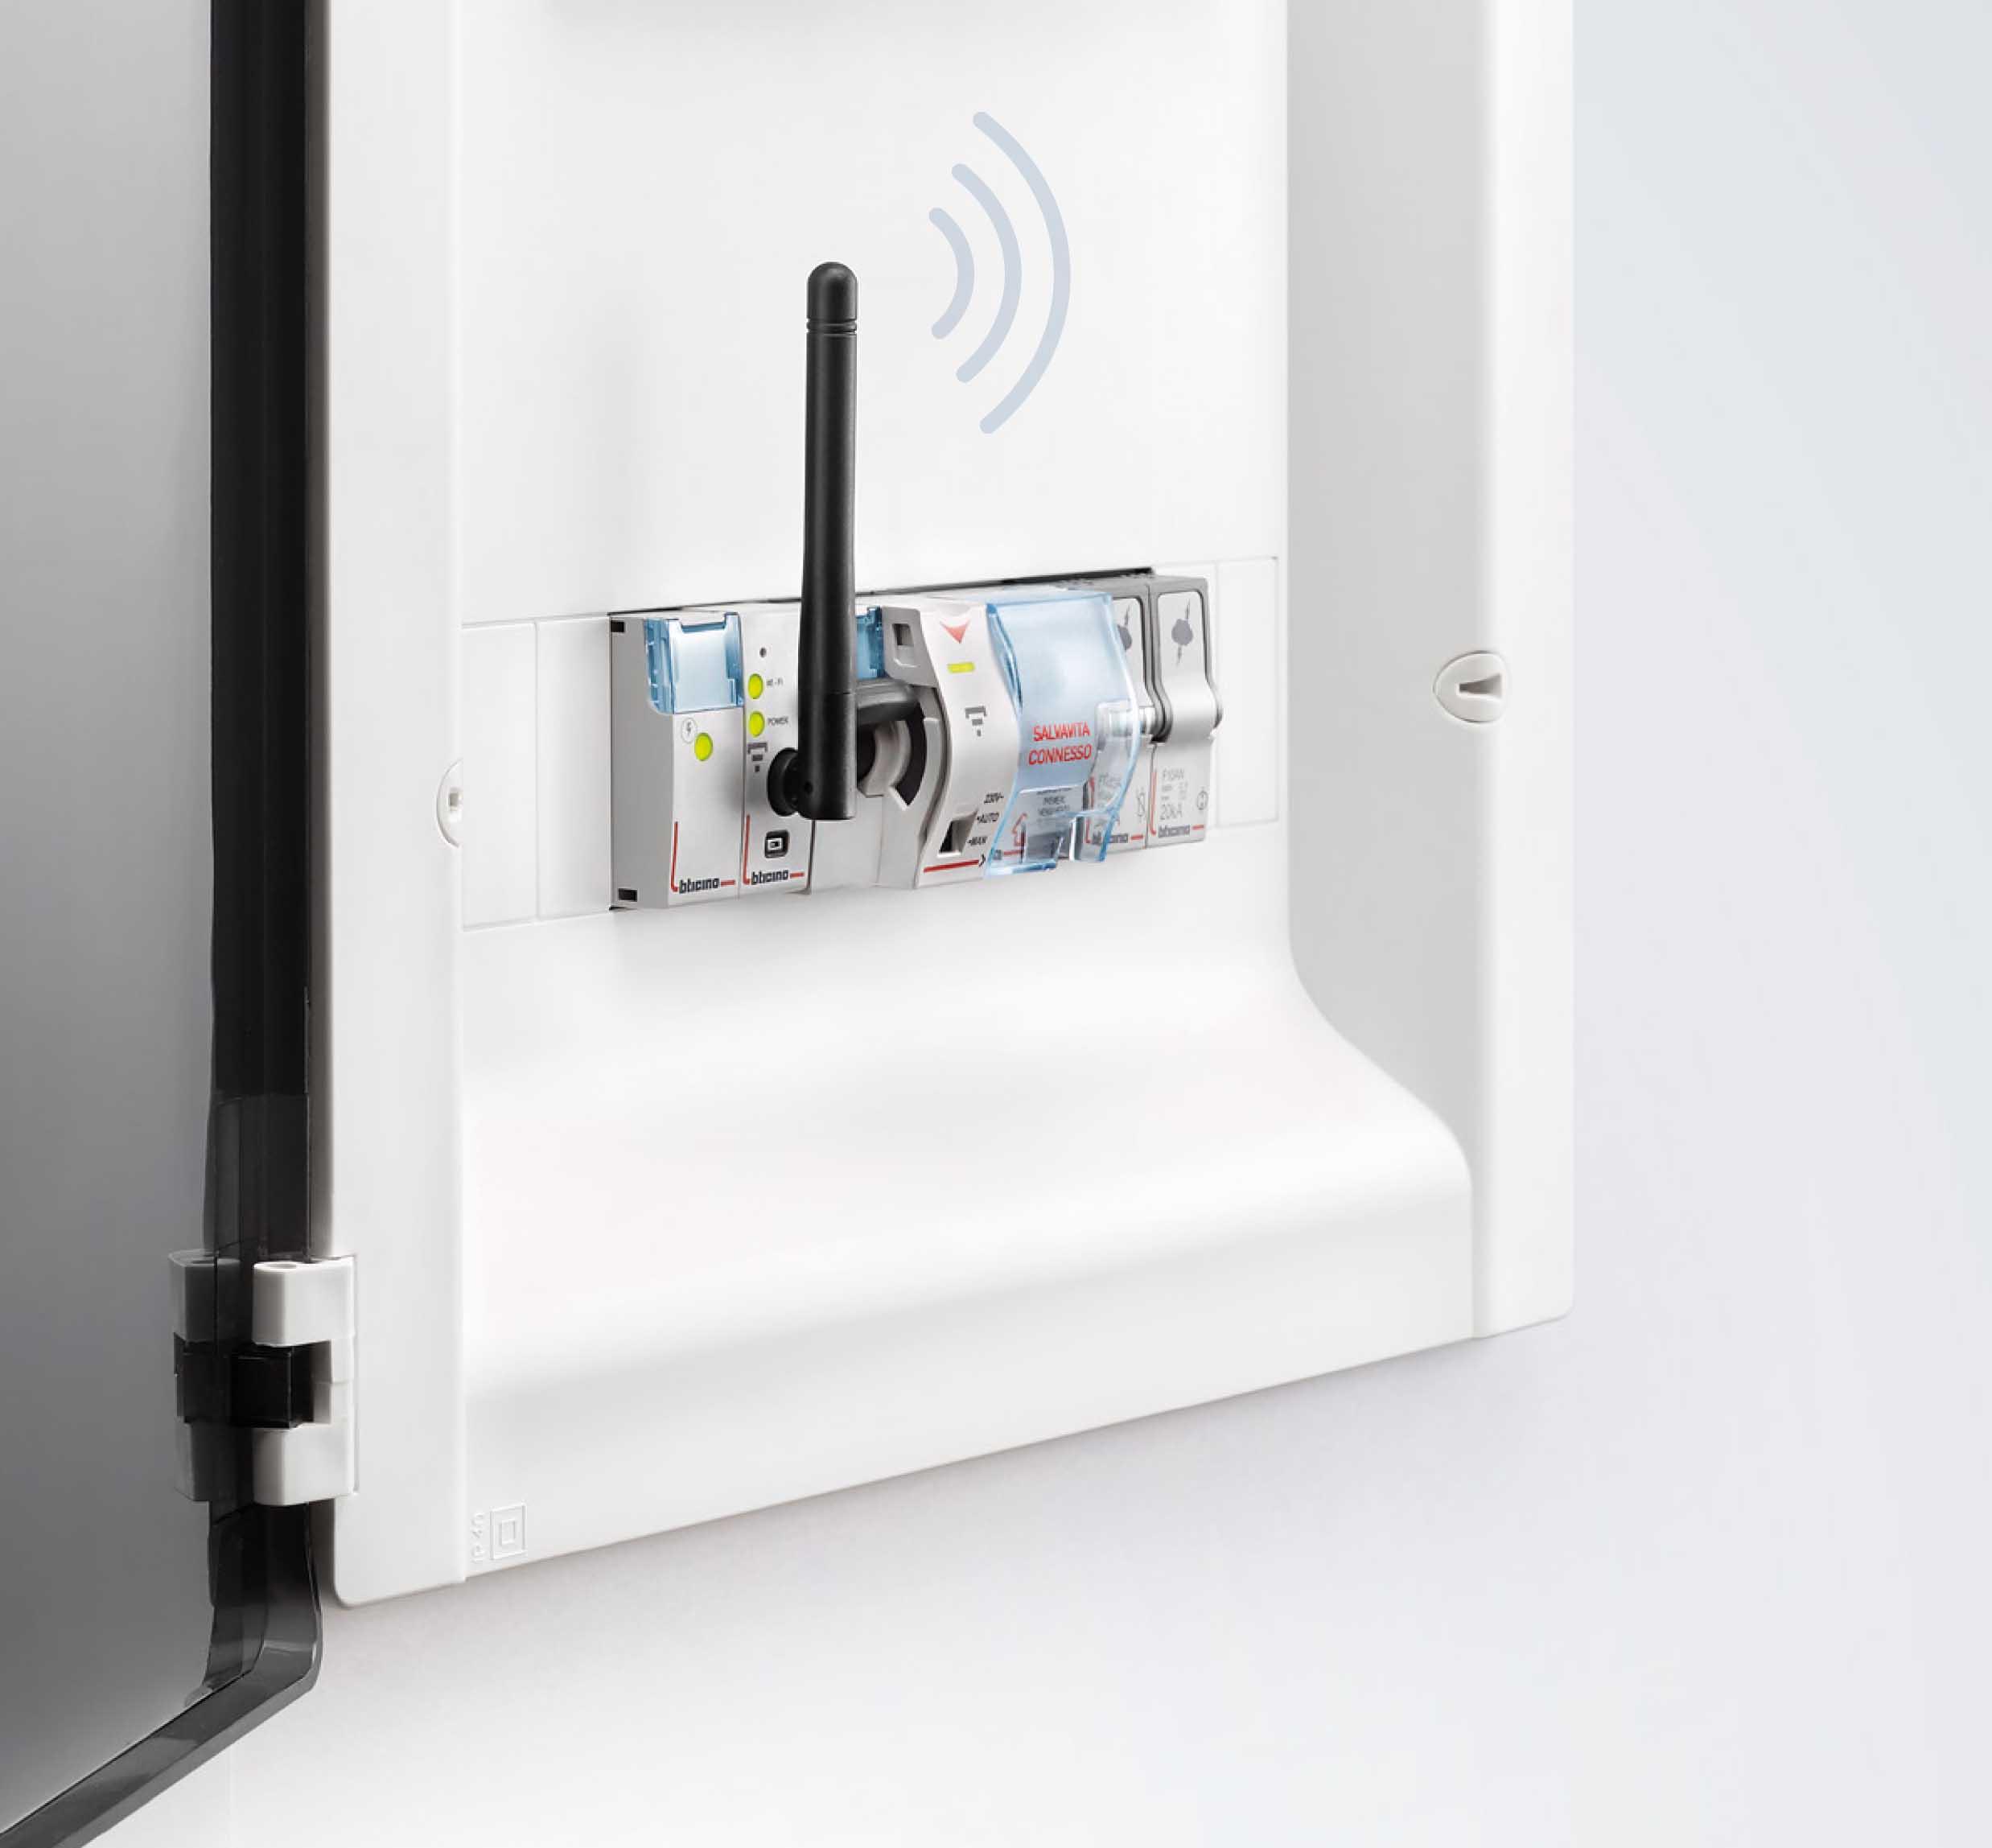 Salvavita Connesso con wi-fi integrato: la nuova soluzione di BTicino